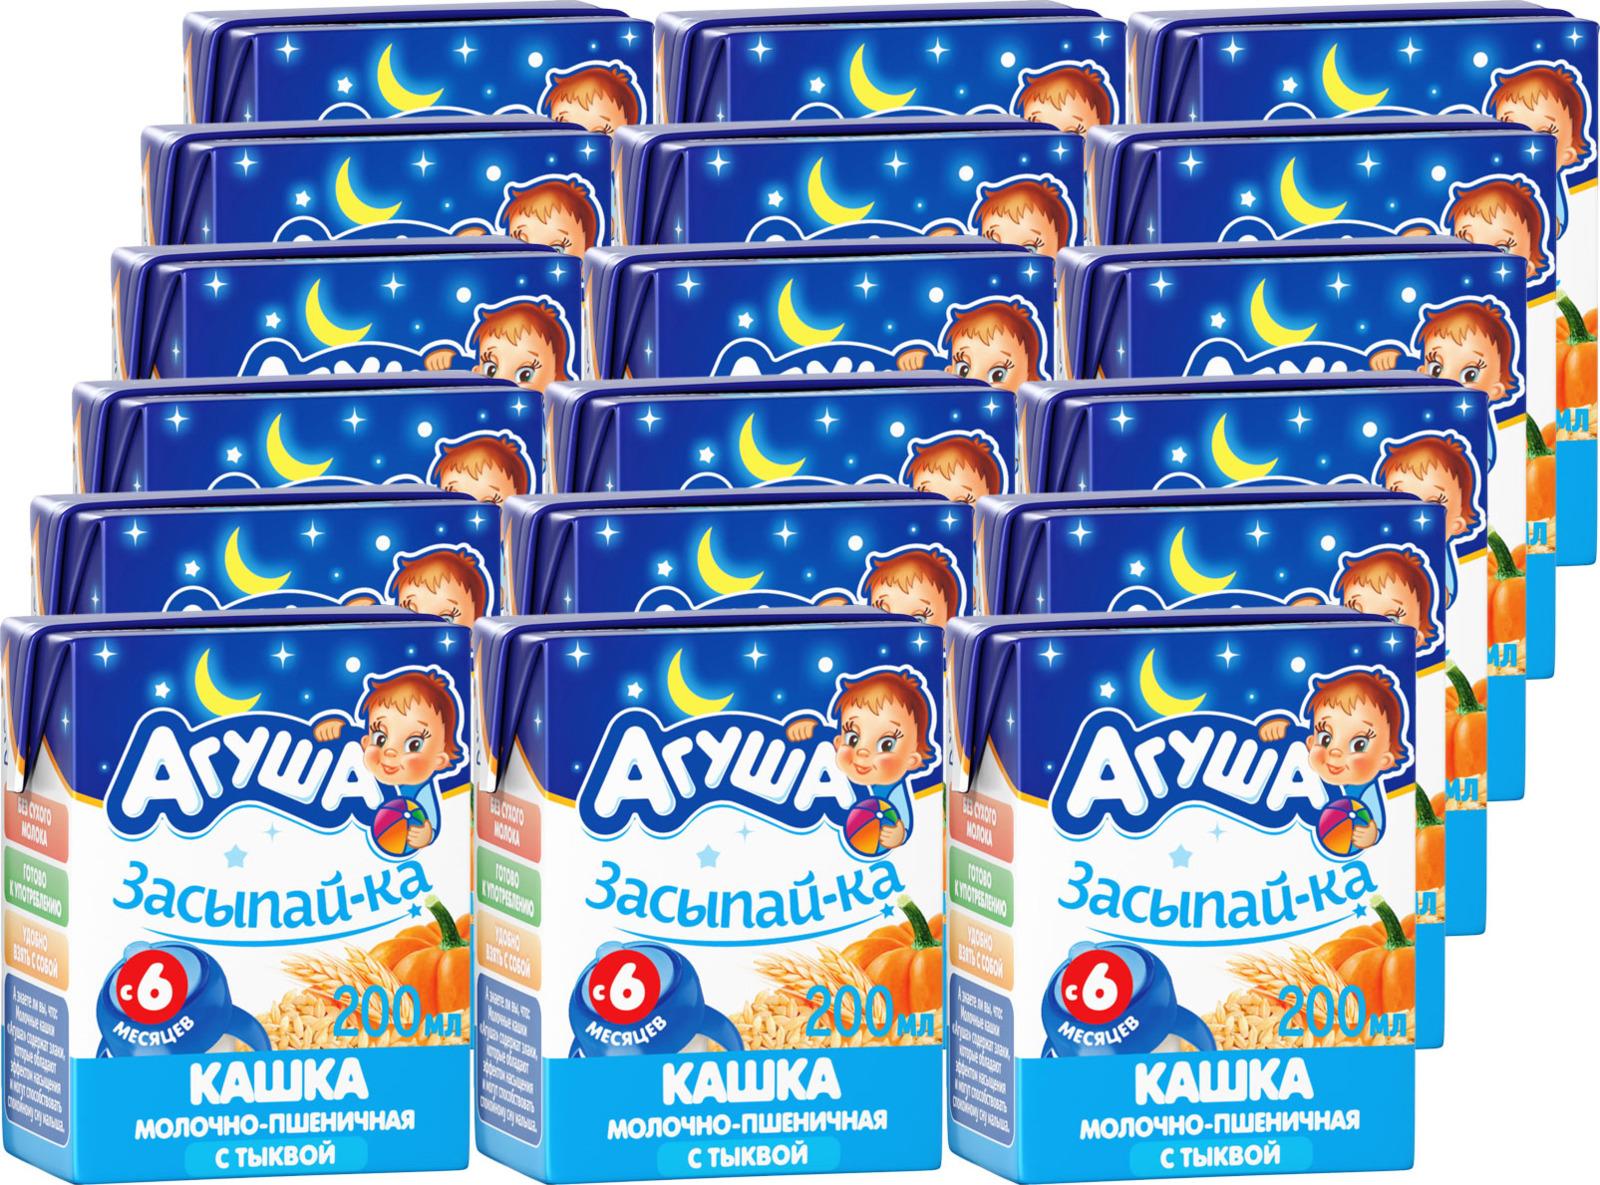 Каша молочная с 6 месяцев Агуша Засыпай-ка Пшеница-Тыква, 18 шт по 200 мл творог агуша агуша засыпай ка клубника банан и мелисса 3 8